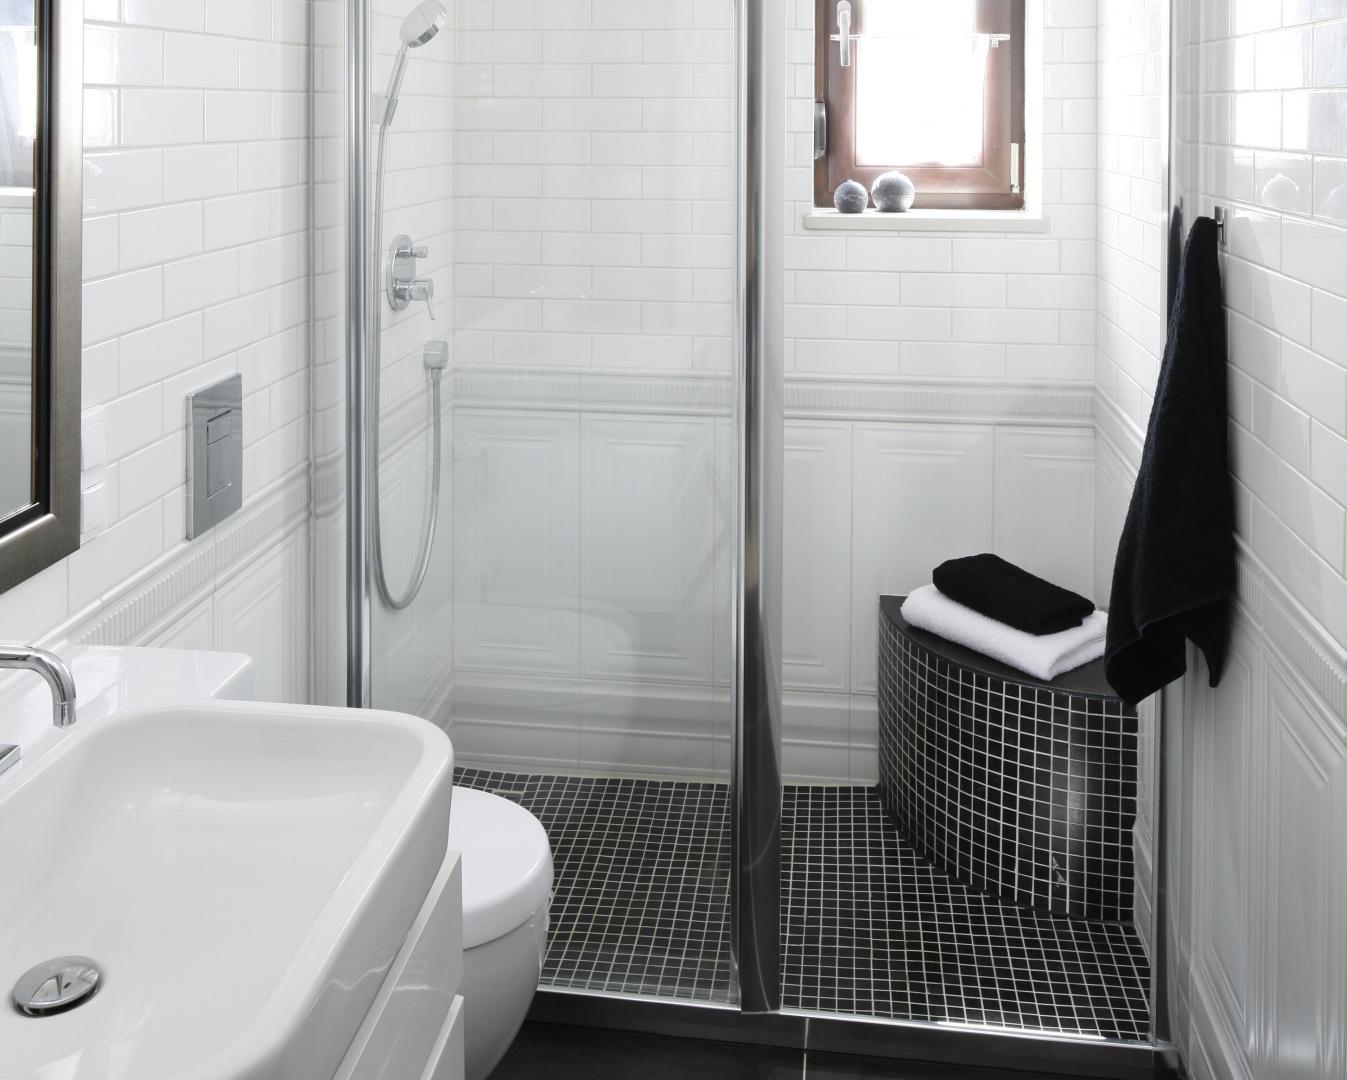 Wąska łazienka – projekt na 5 metrów